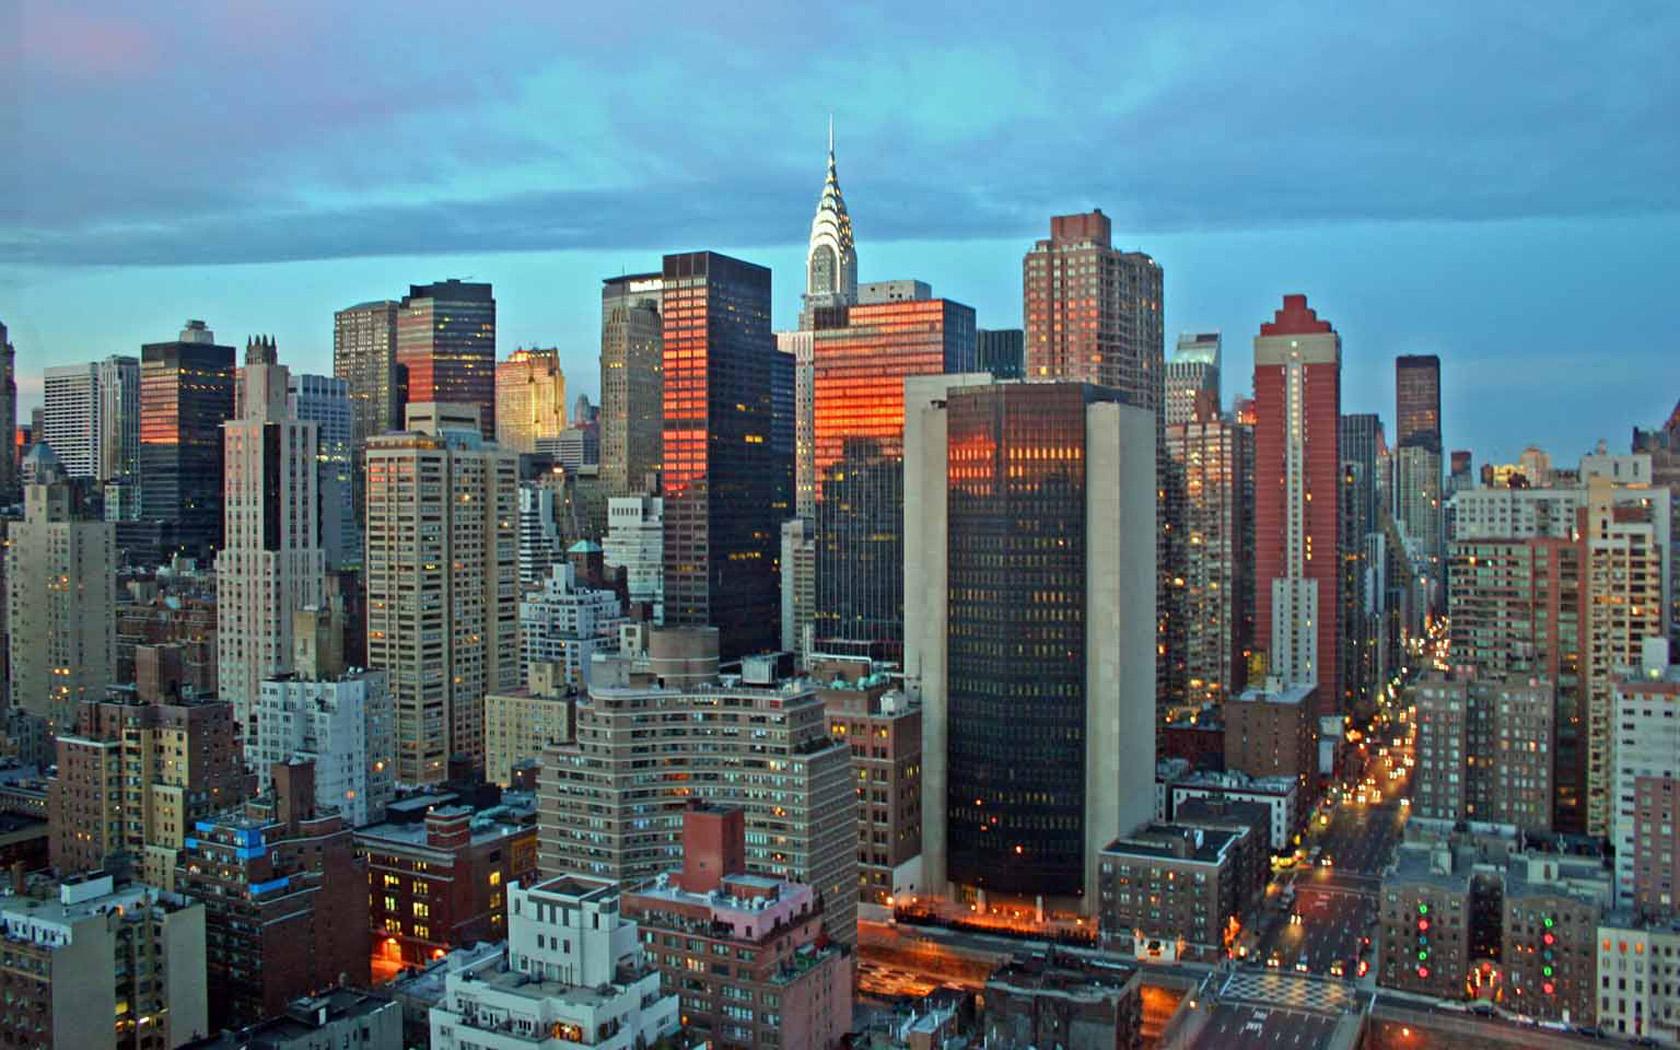 New York Evening Skyline Wallpaper 1680x1050 pixel City HD Wallpaper 1680x1050